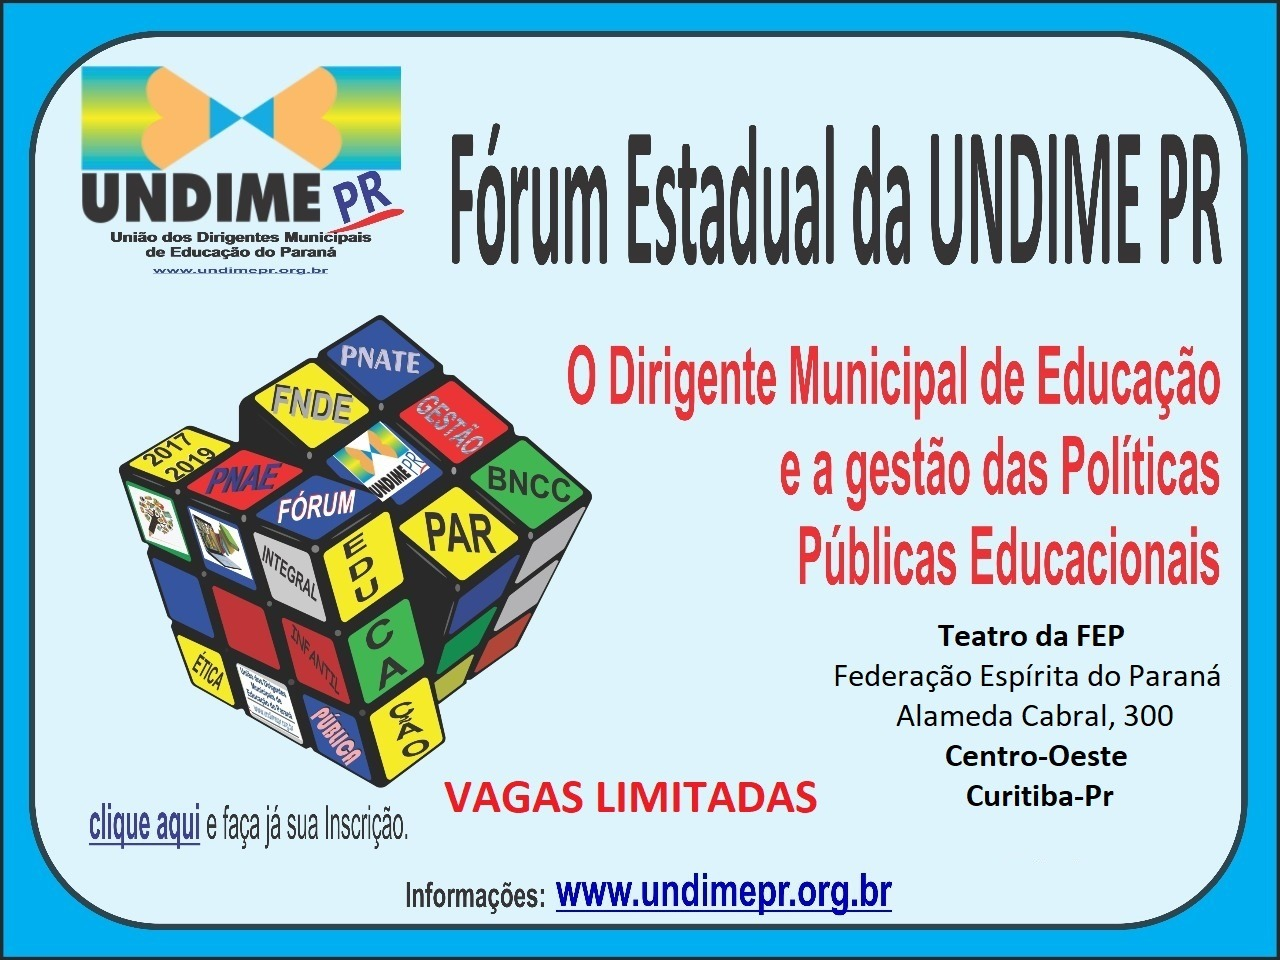 Undime Paraná promoverá Fórum Estadual, em Curitiba, nos dias 3 e 4 de abril